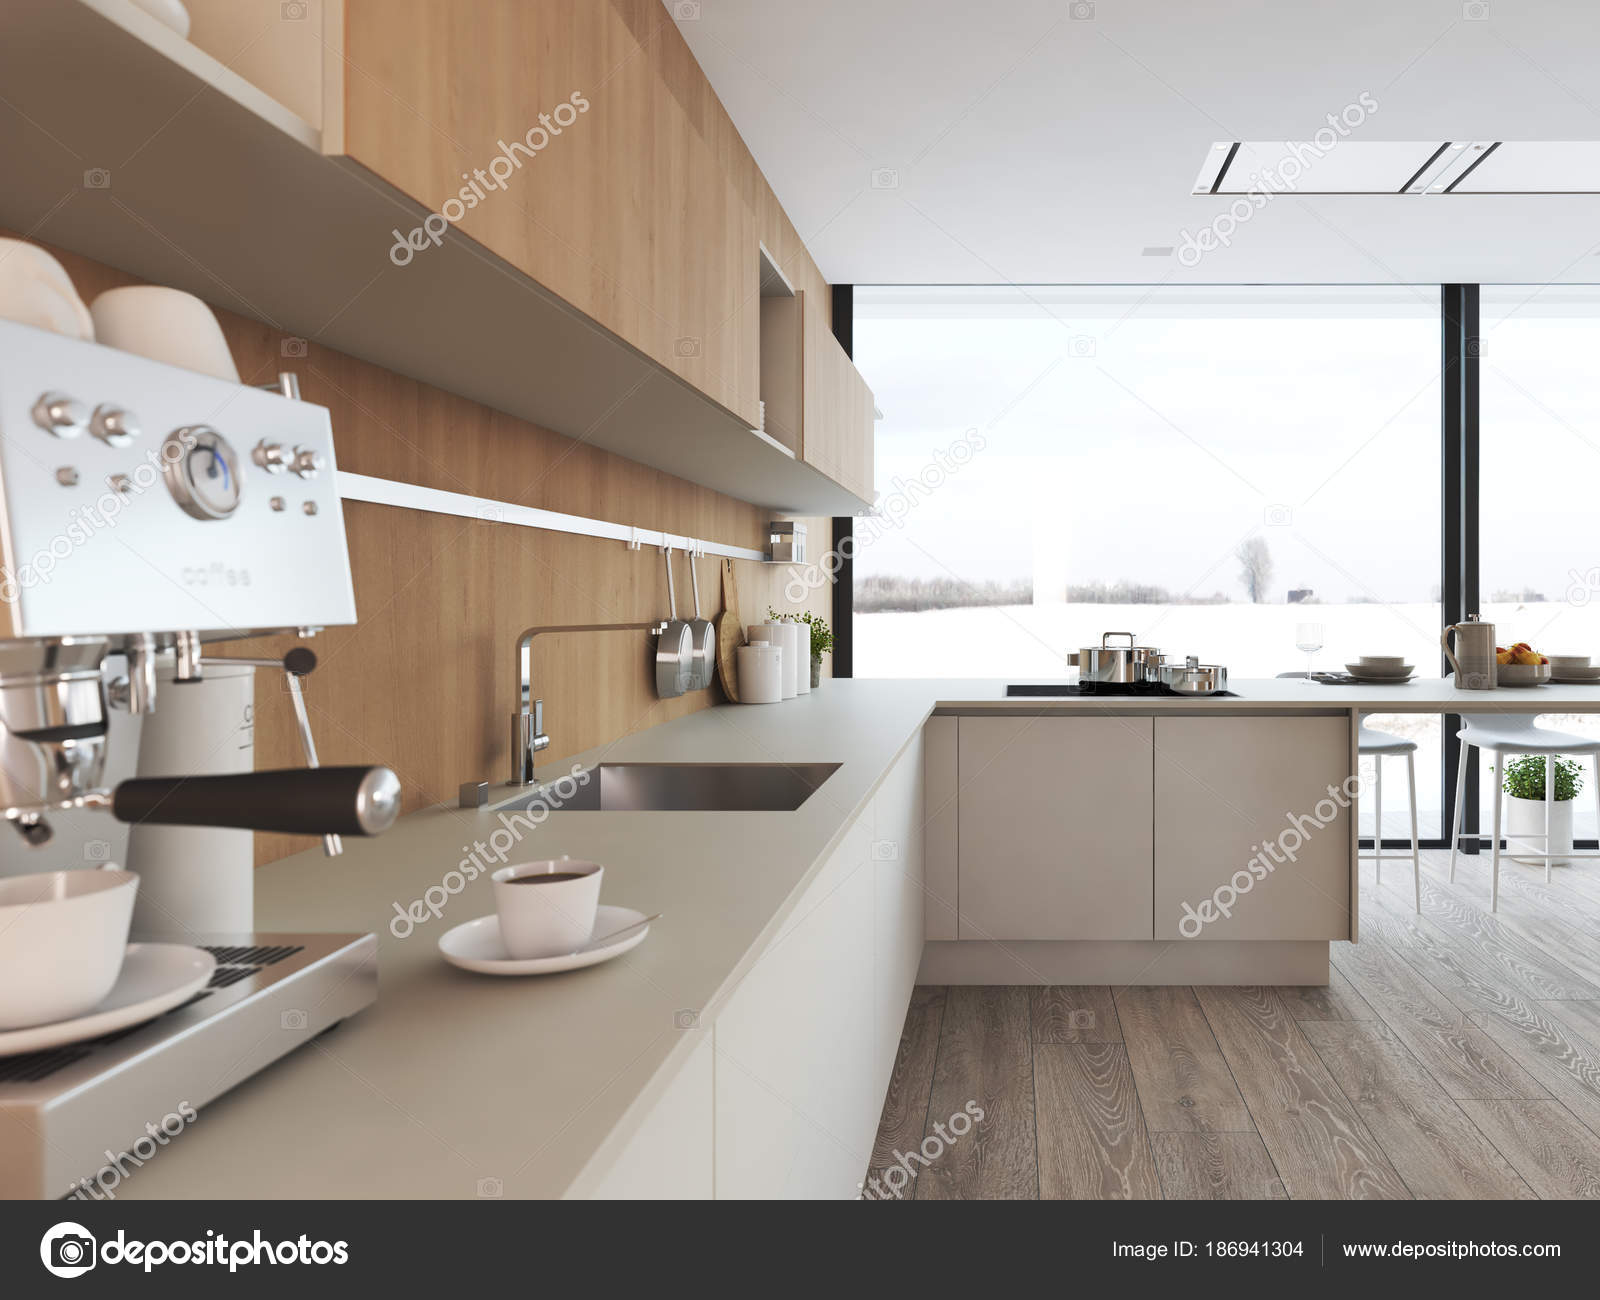 Cozinha Moderna N Rdica Em Apartamento Loft Renderiza O 3d Stock